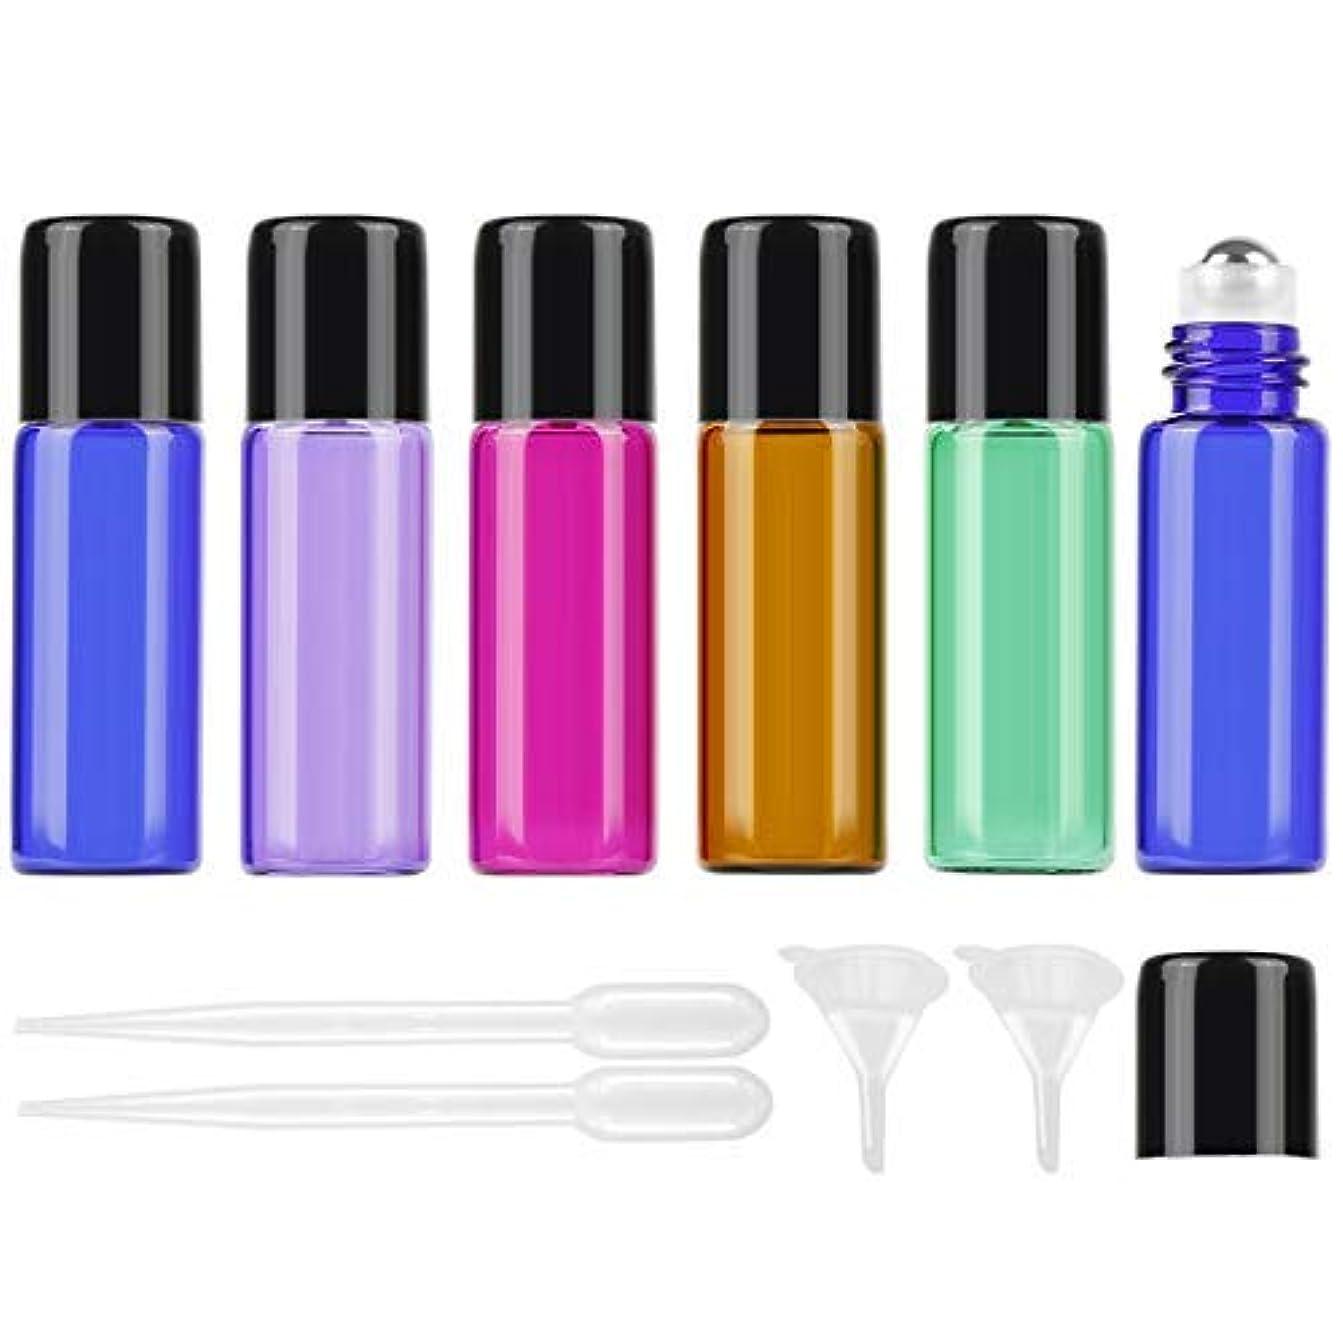 腐ったブラウンコンピューター25Pcs 5ml Colored Essential Oil Roller Bottles Vials Glass Cosmetic Travel Containers with Stainless Steel Roller...